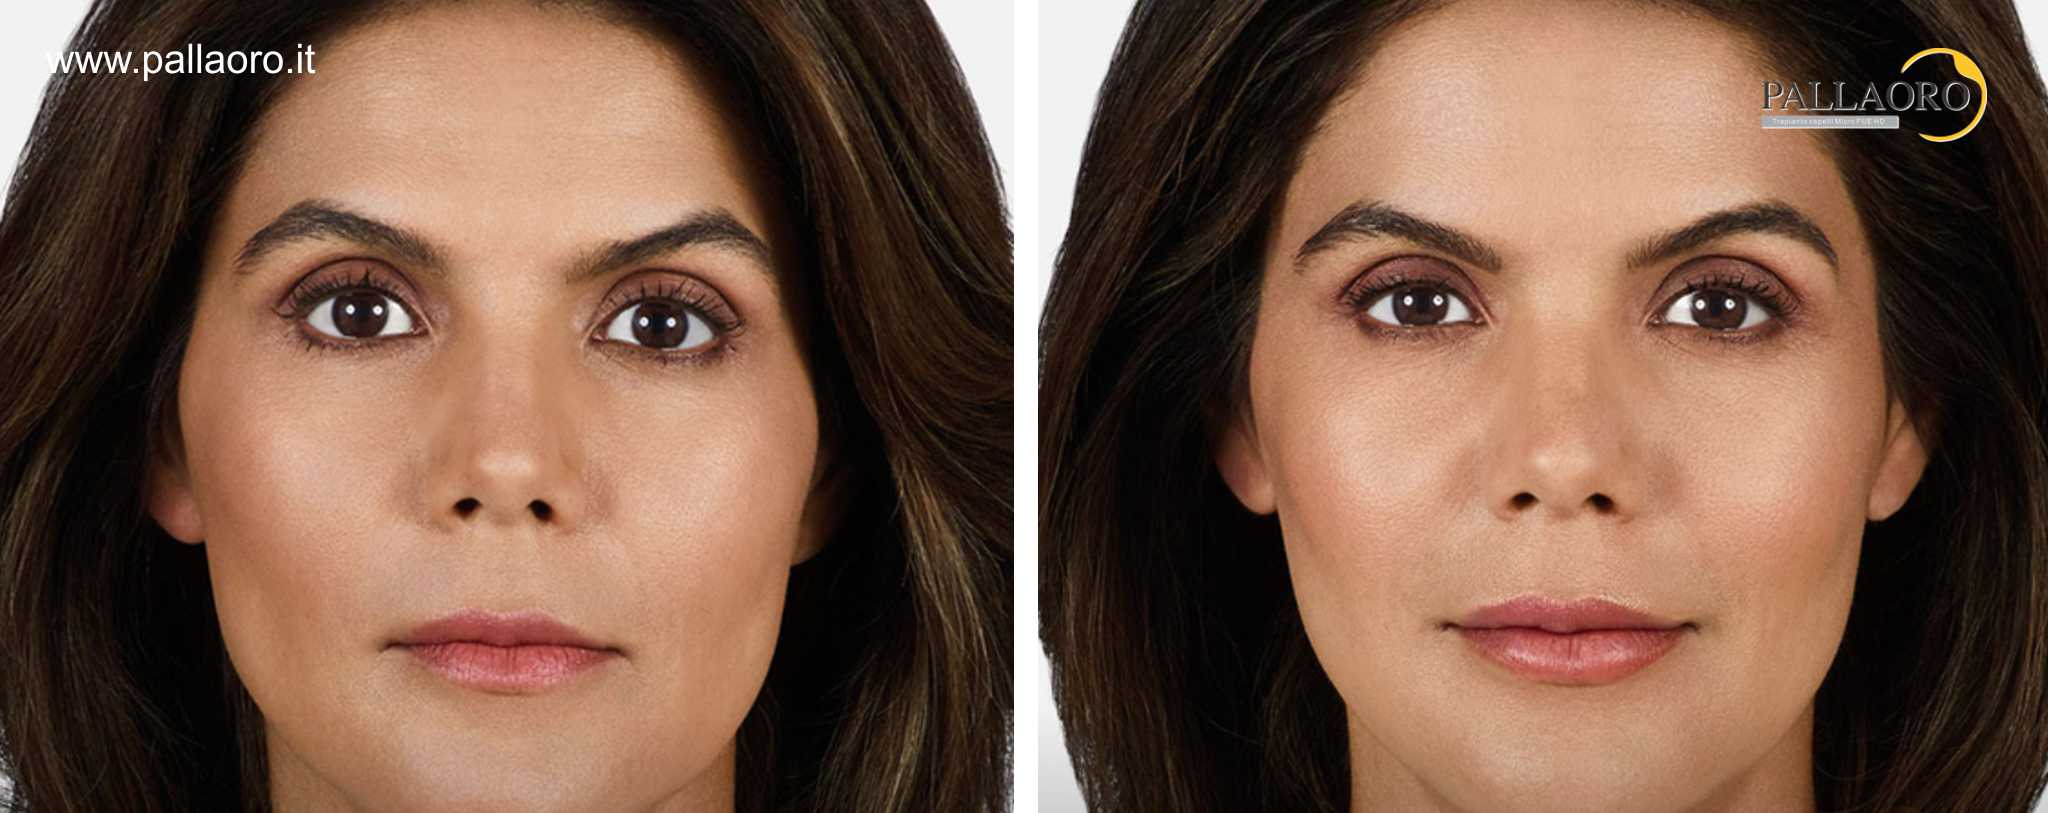 Chirurgia estetica labbra foto prima dopo